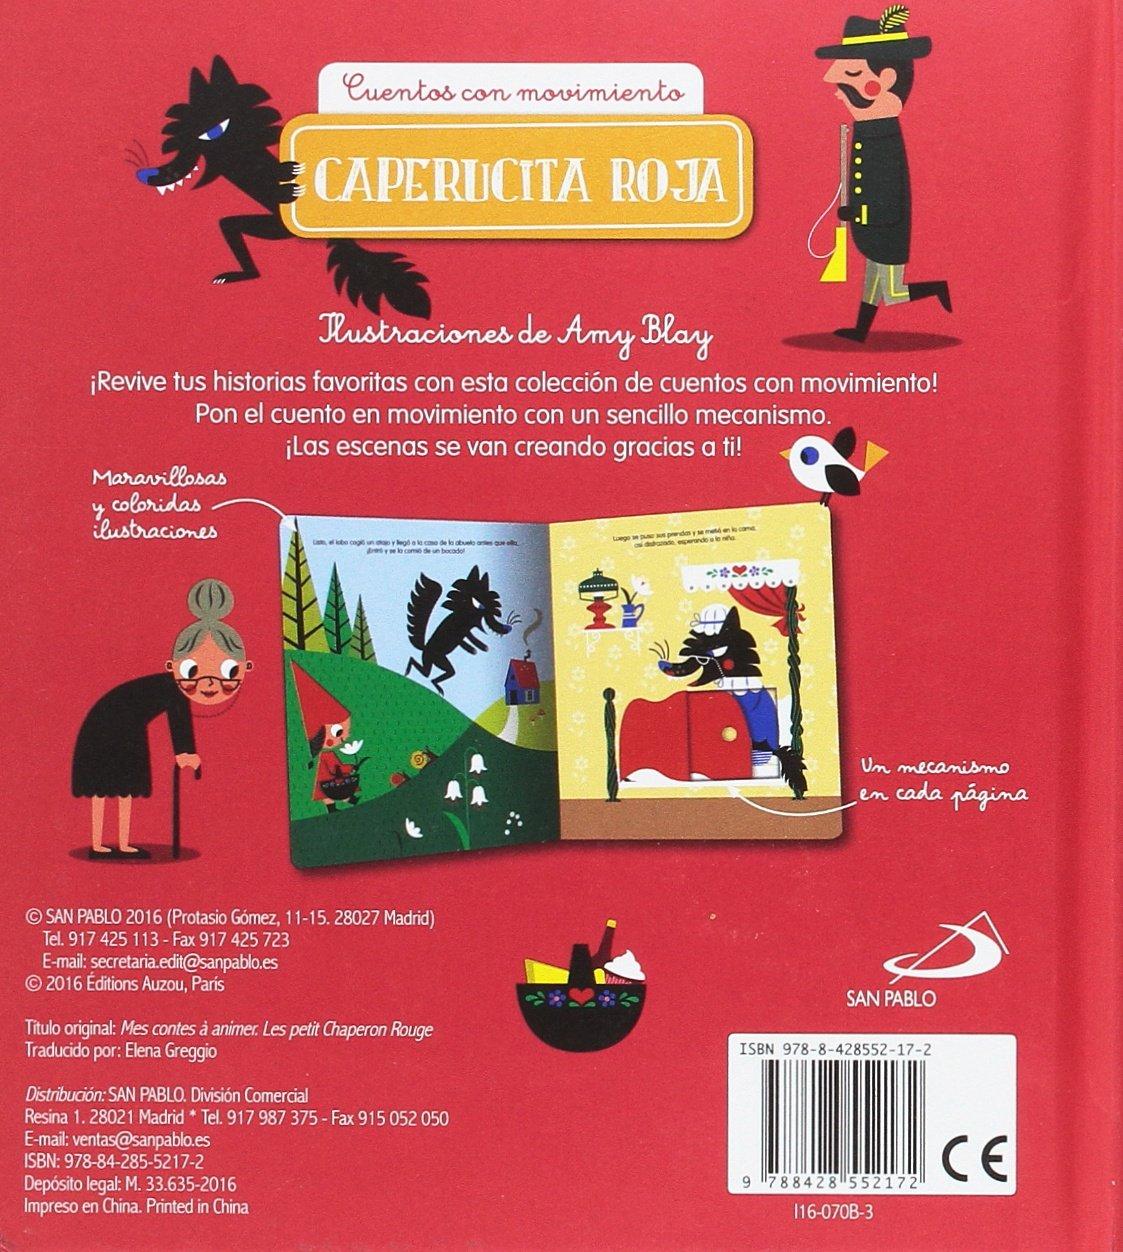 Caperucita Roja: Cuentos con movimiento Cuentos y ficción: Amazon.es: Amy Blay, Elena Greggio: Libros